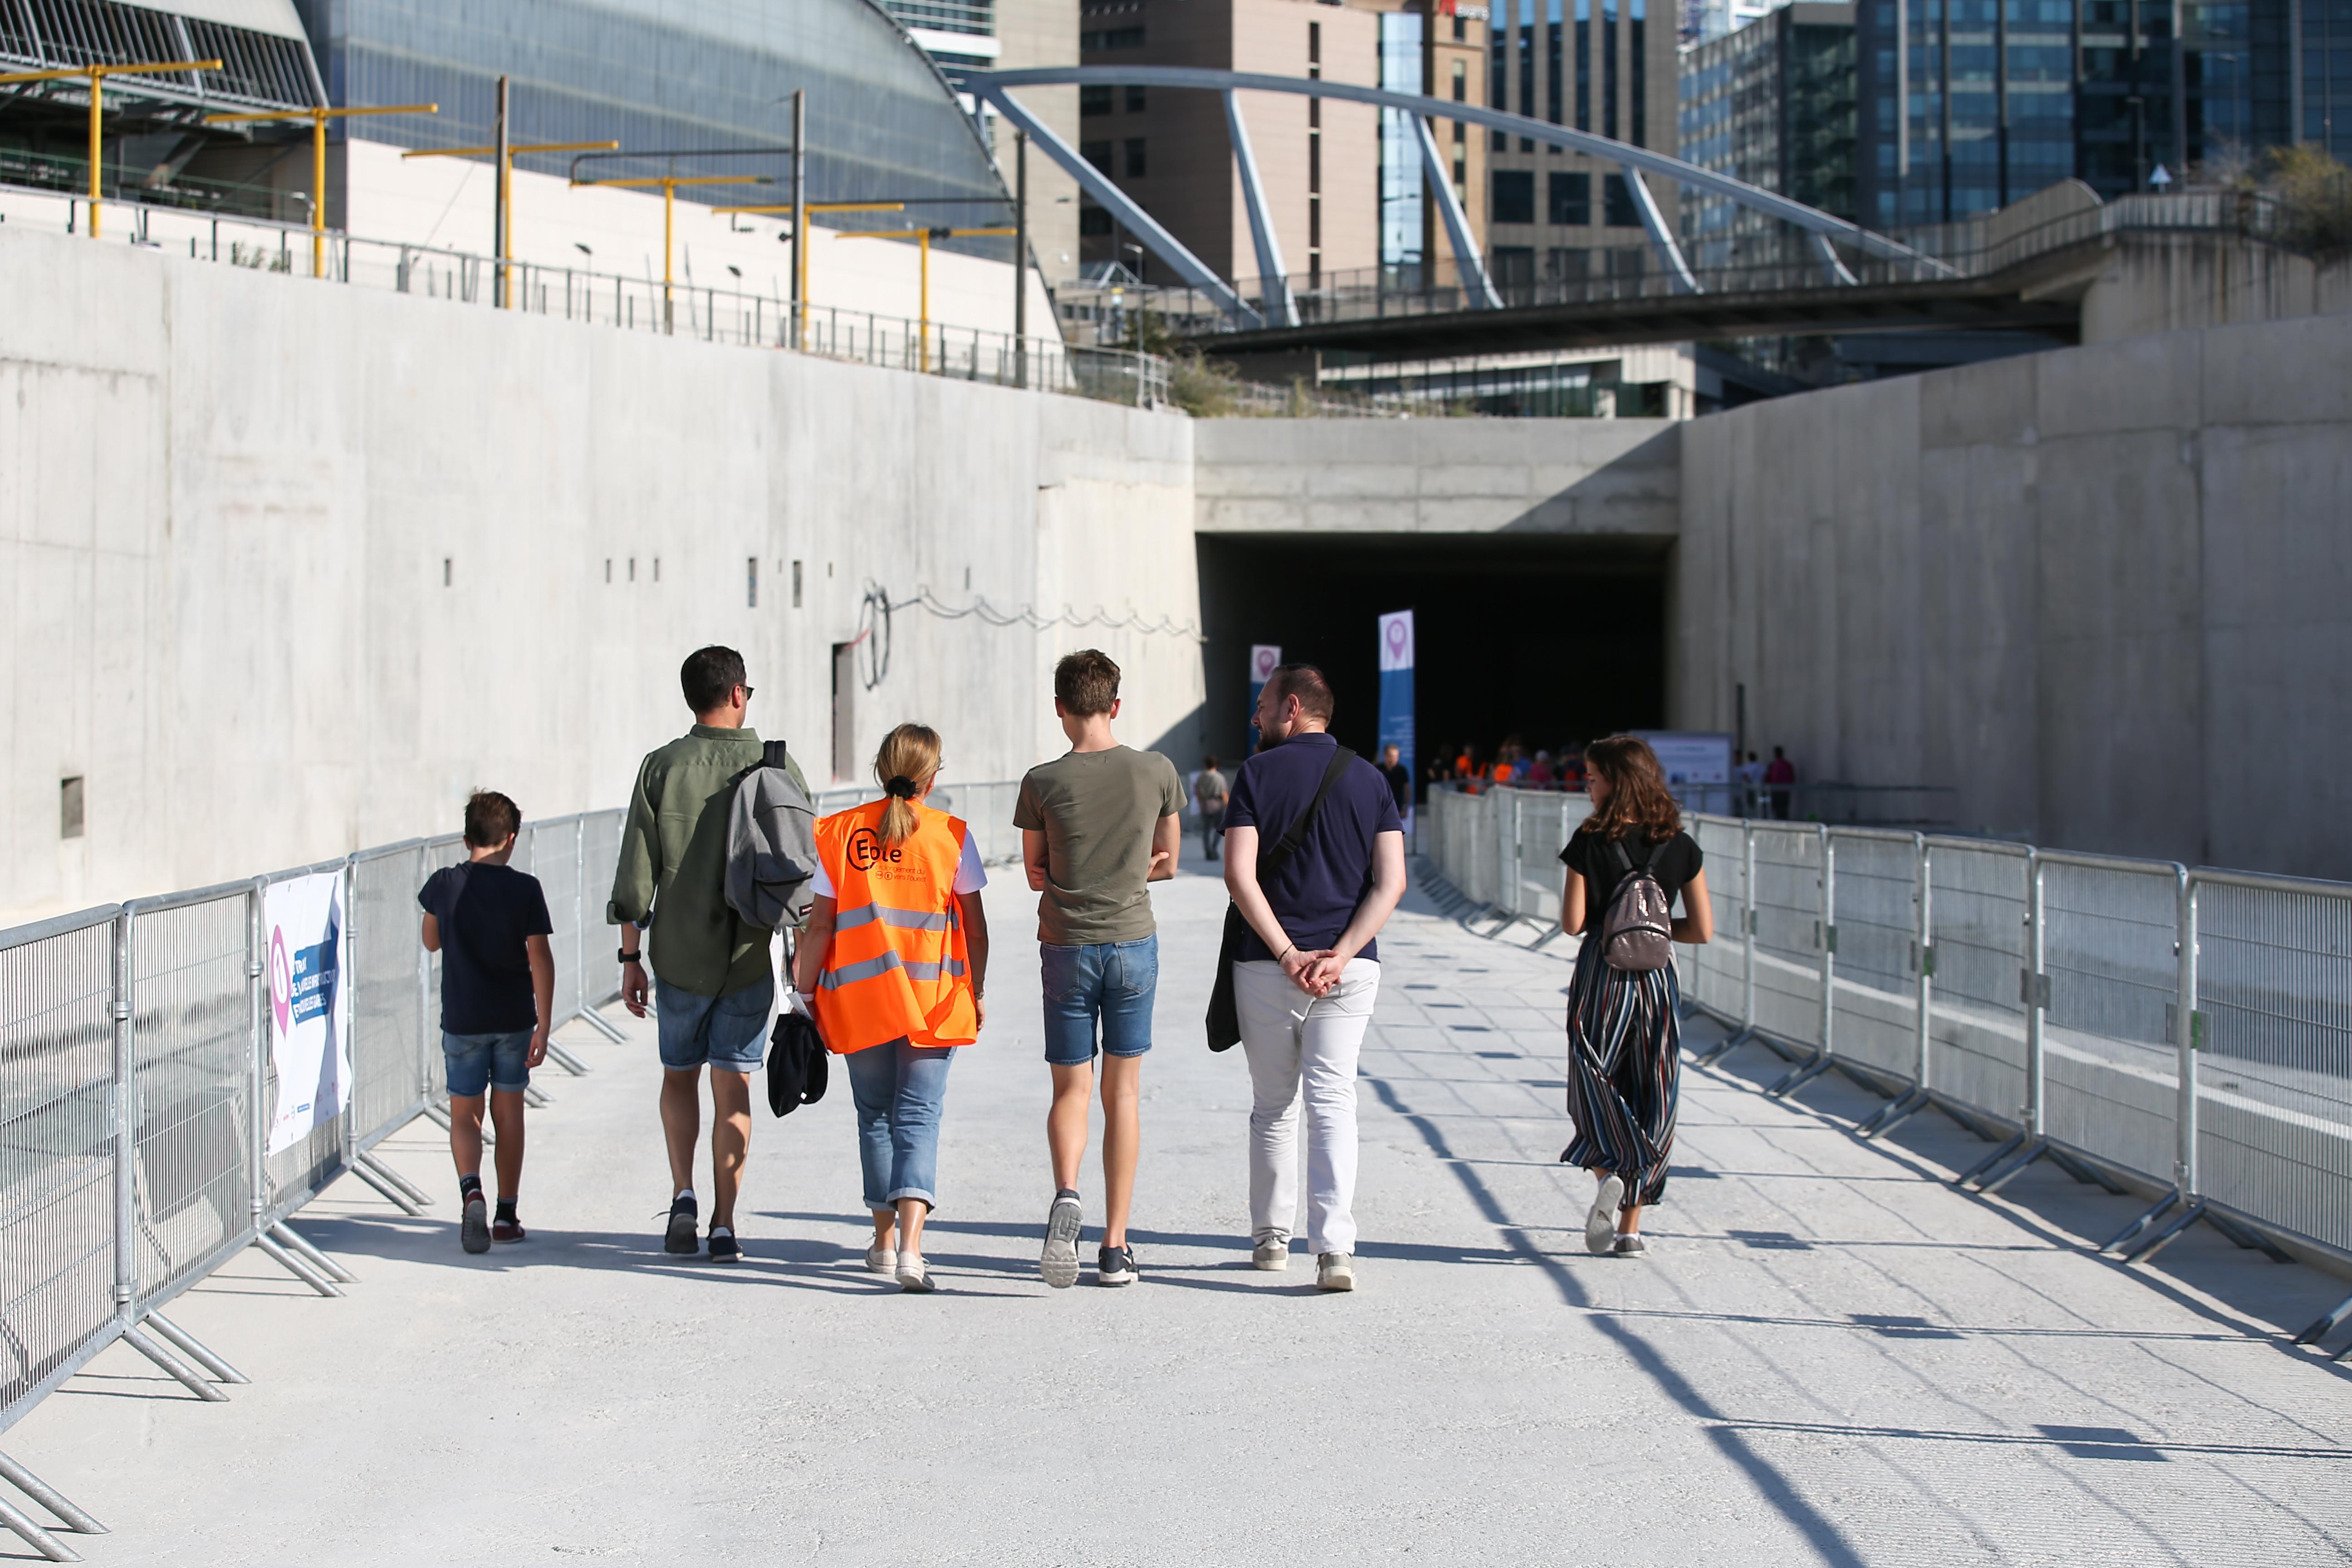 13 photos présentant les visiteurs sur le chantier de la future gare de Nanterre : on y voit des panneaux d'exposition, des engins de chantier, des personnes qui font des visites virtuelles et un groupe de musique.